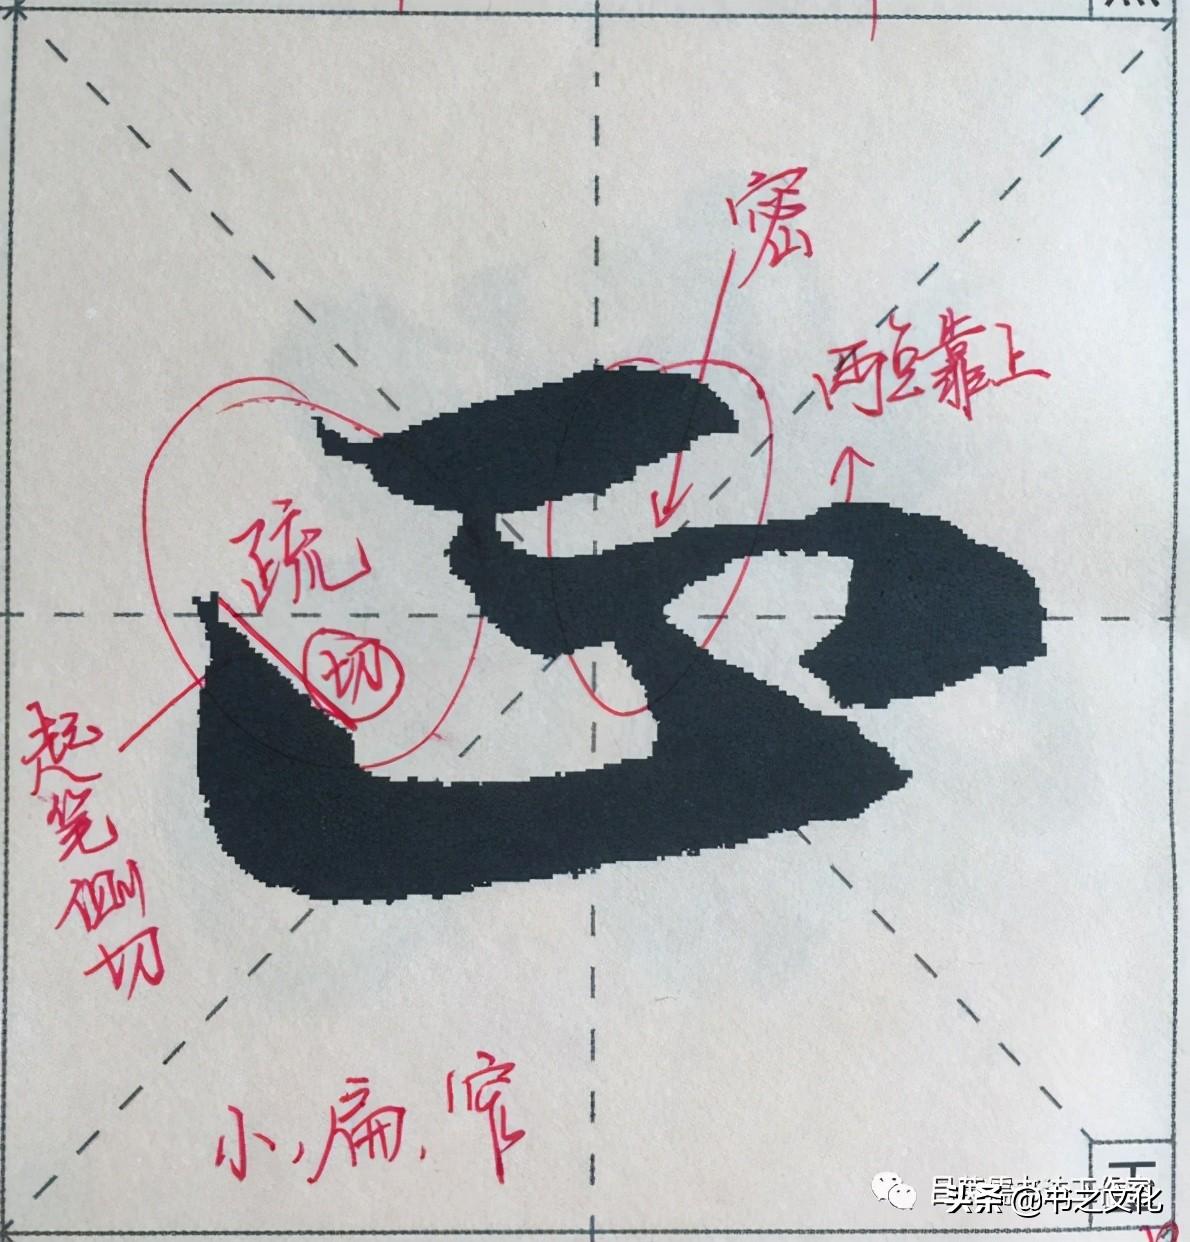 赵孟頫《赤壁赋》课堂笔记